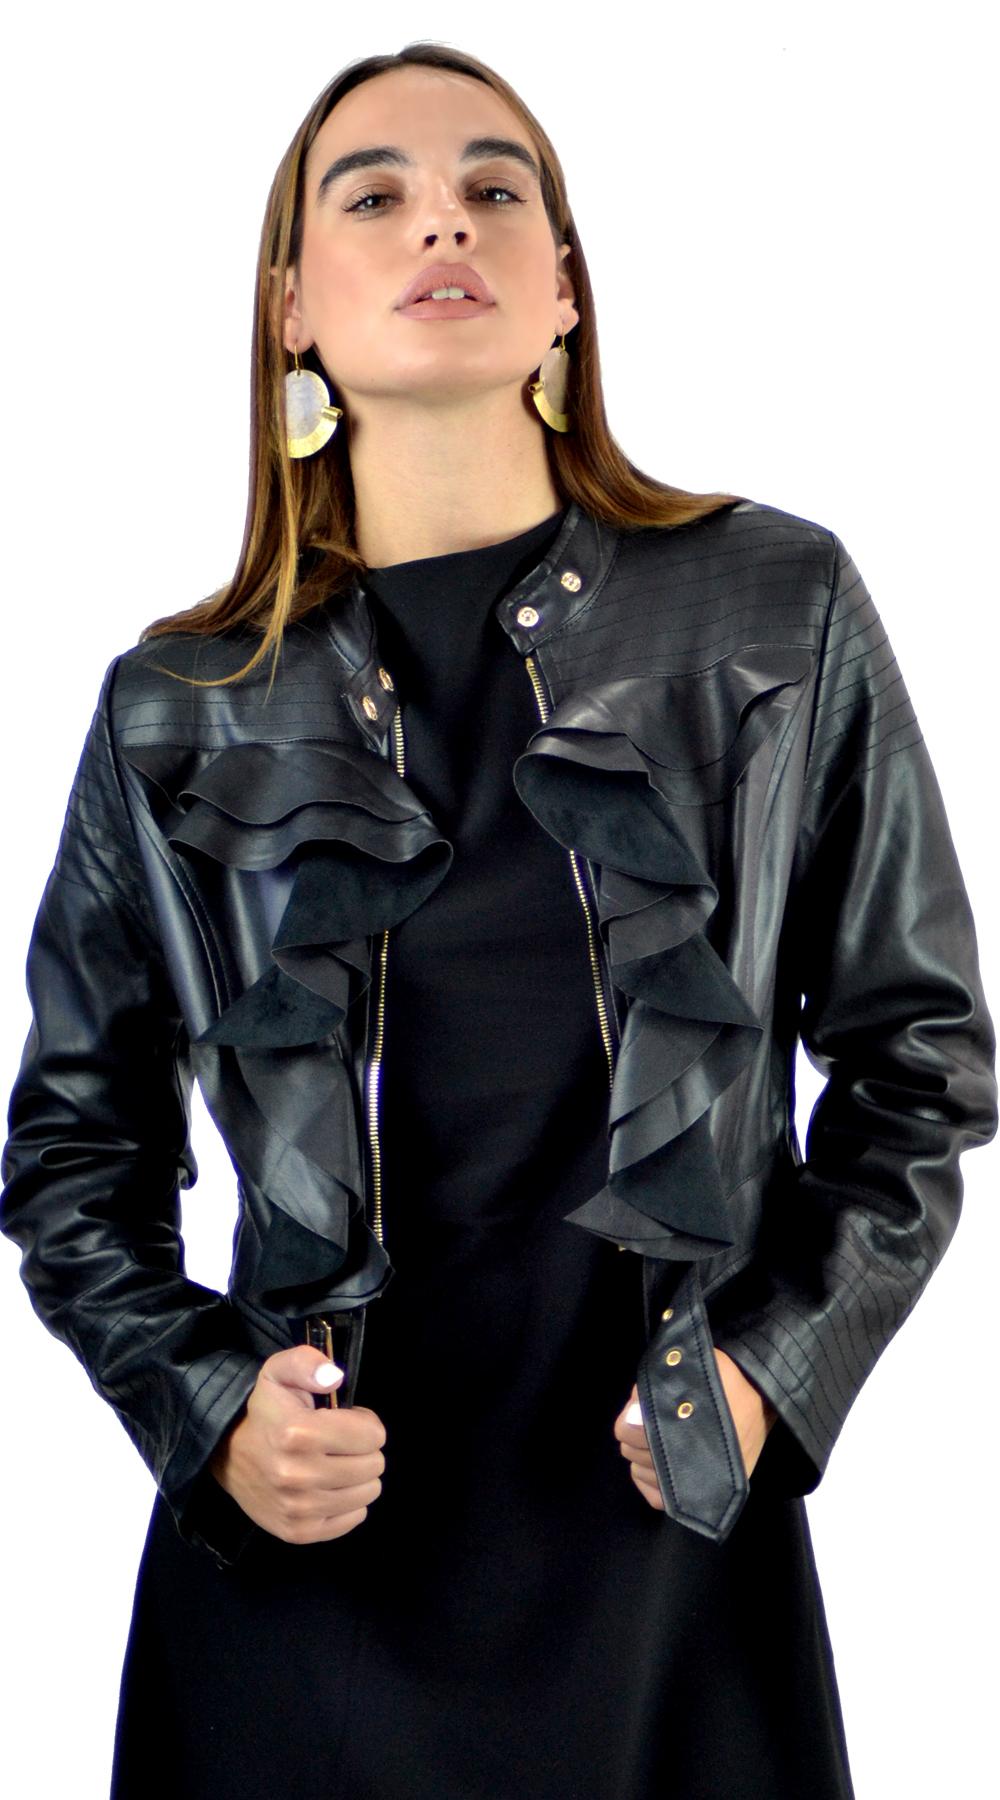 Γυναικείο leatherlook biker με βολάν μπροστά - OEM - FA17MRK-5369871 03291603c15